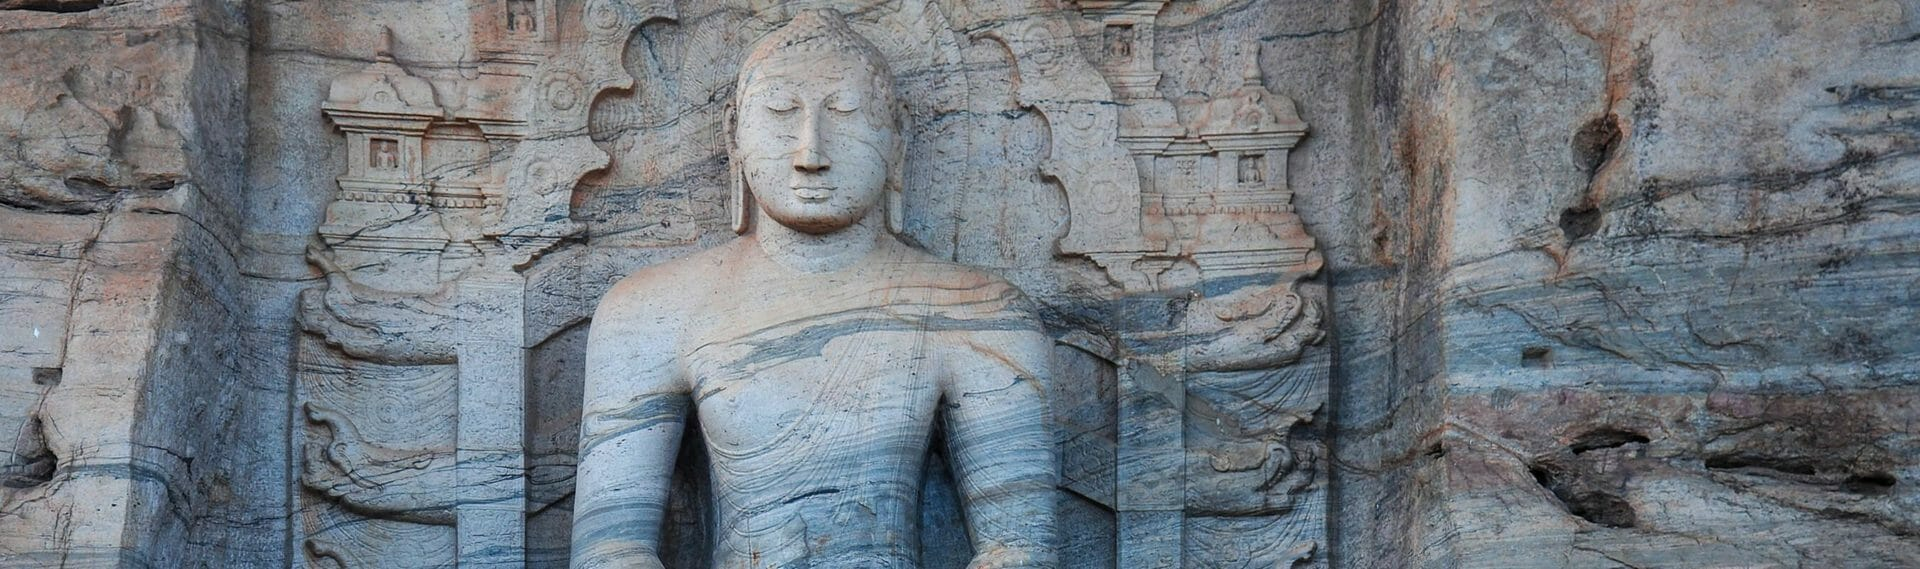 Polonaruwa_bouddha